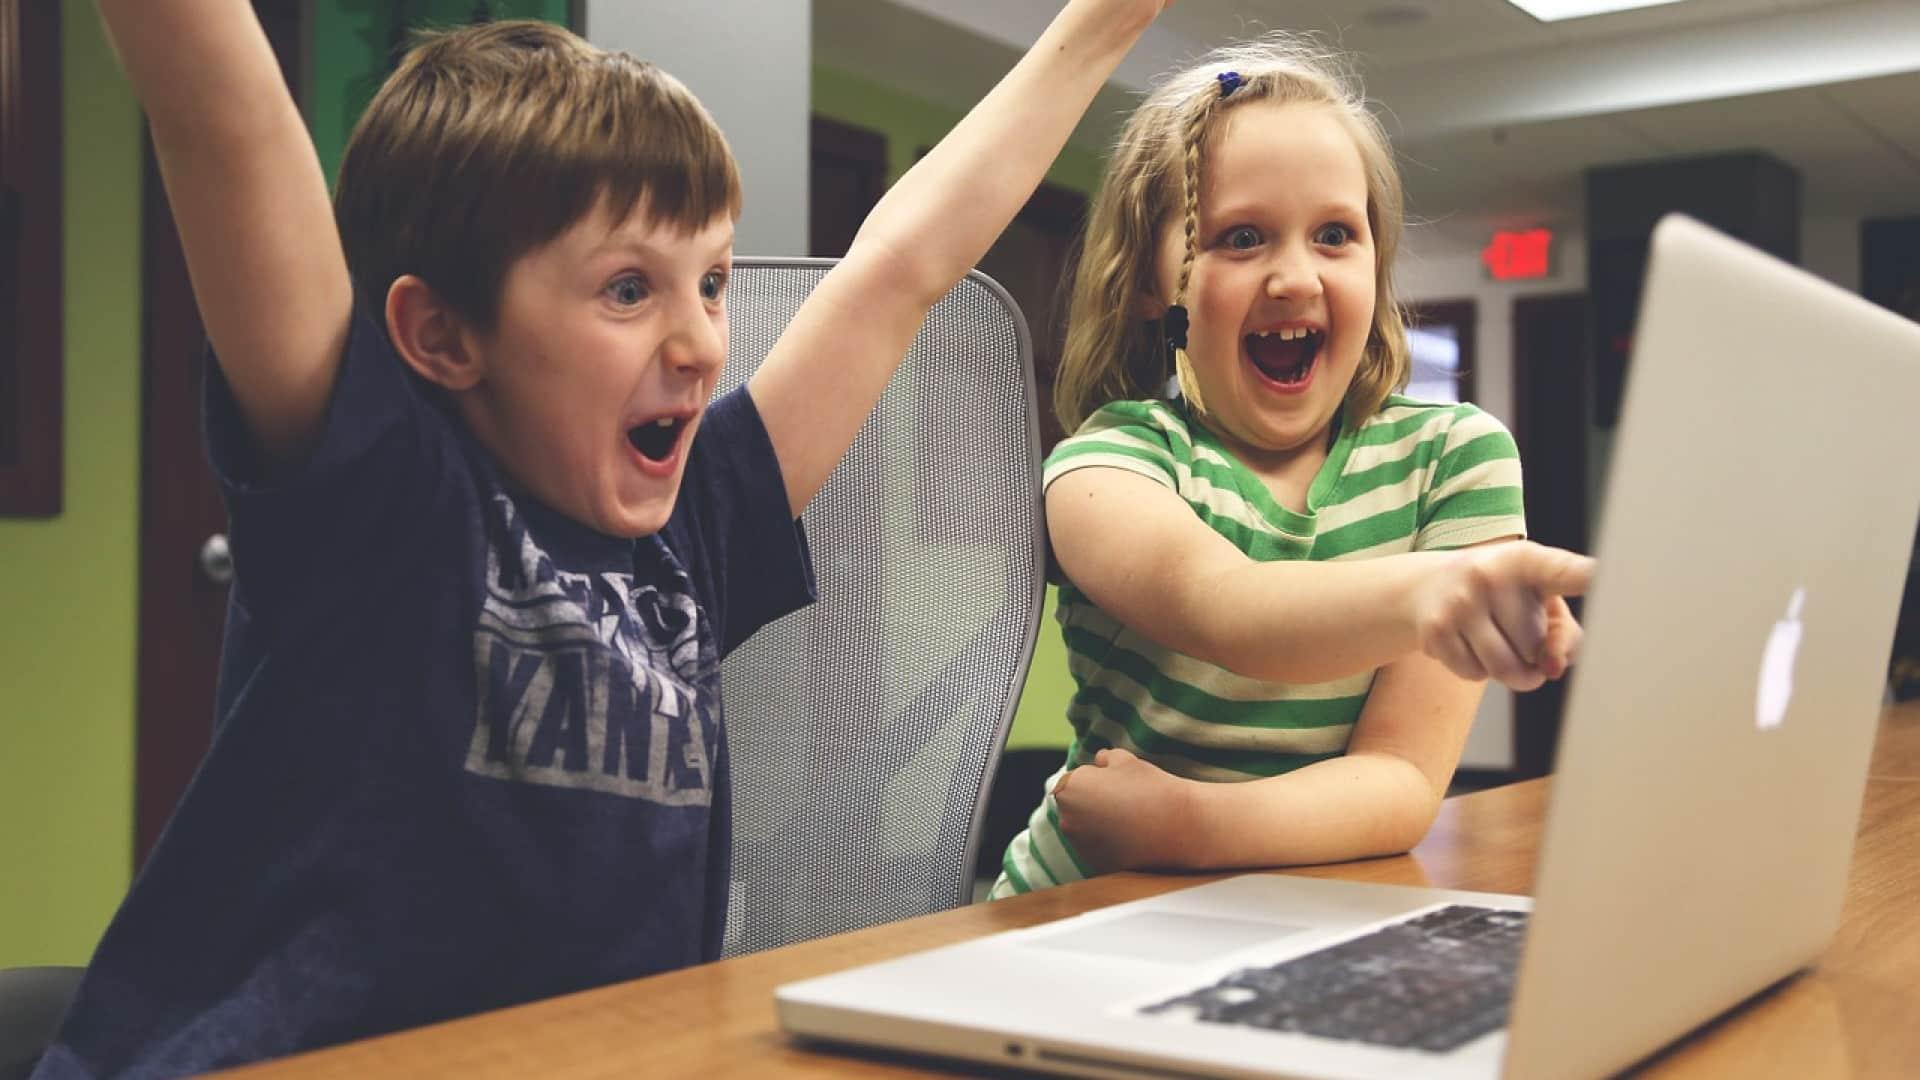 Pourquoi des mots fléchés pour des enfants ?